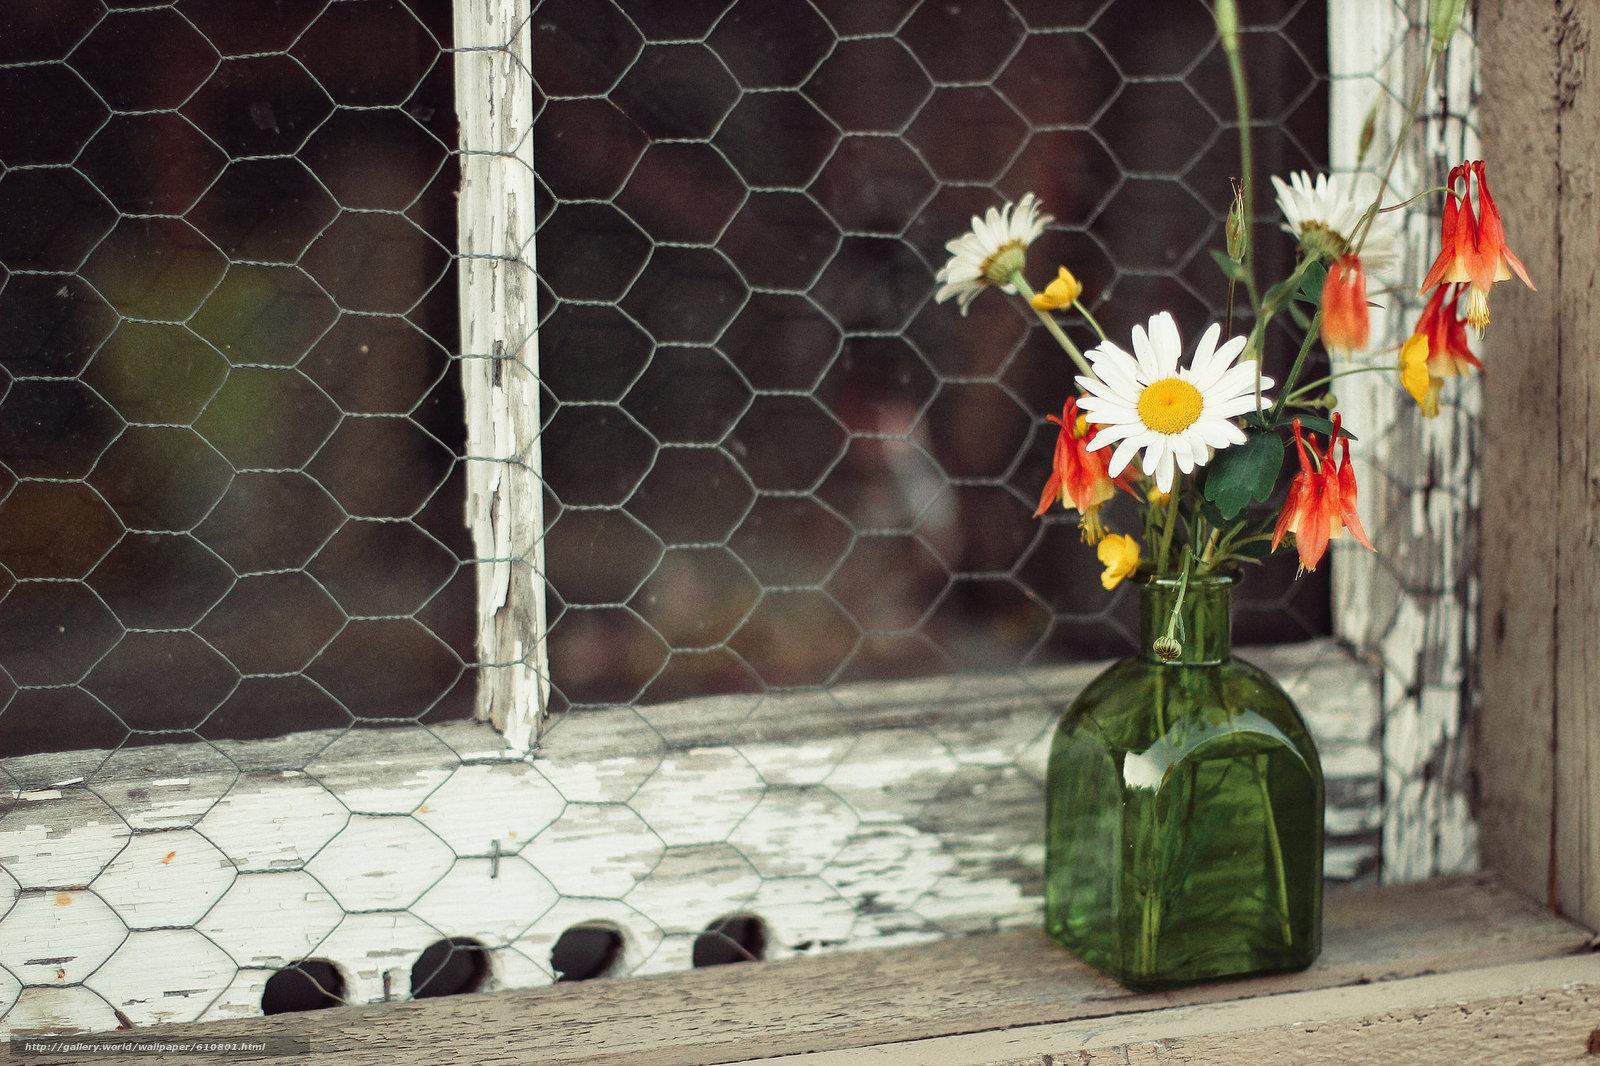 Скачать обои полевые цветы, ромашки, букетик, пузырёк, окно бесплатно для рабочего стола разрешением 2048x1365 —  картинка № 610801